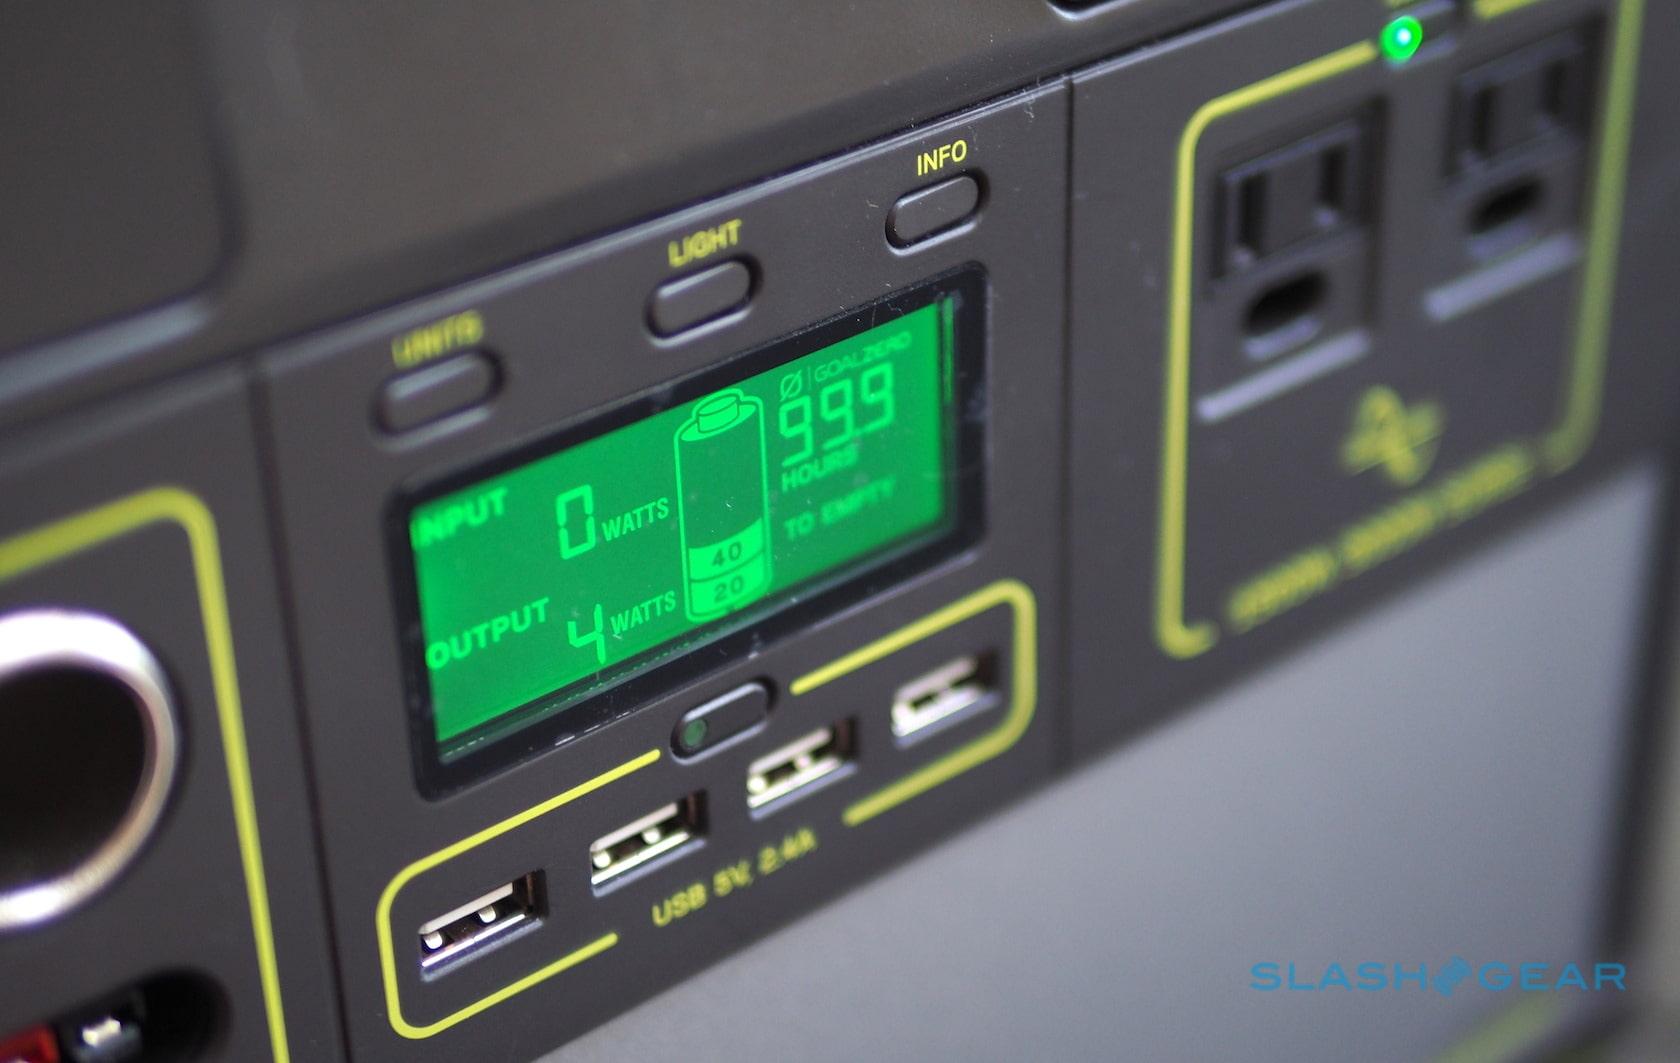 Surviving A Power Outage Generators Portable Batteries